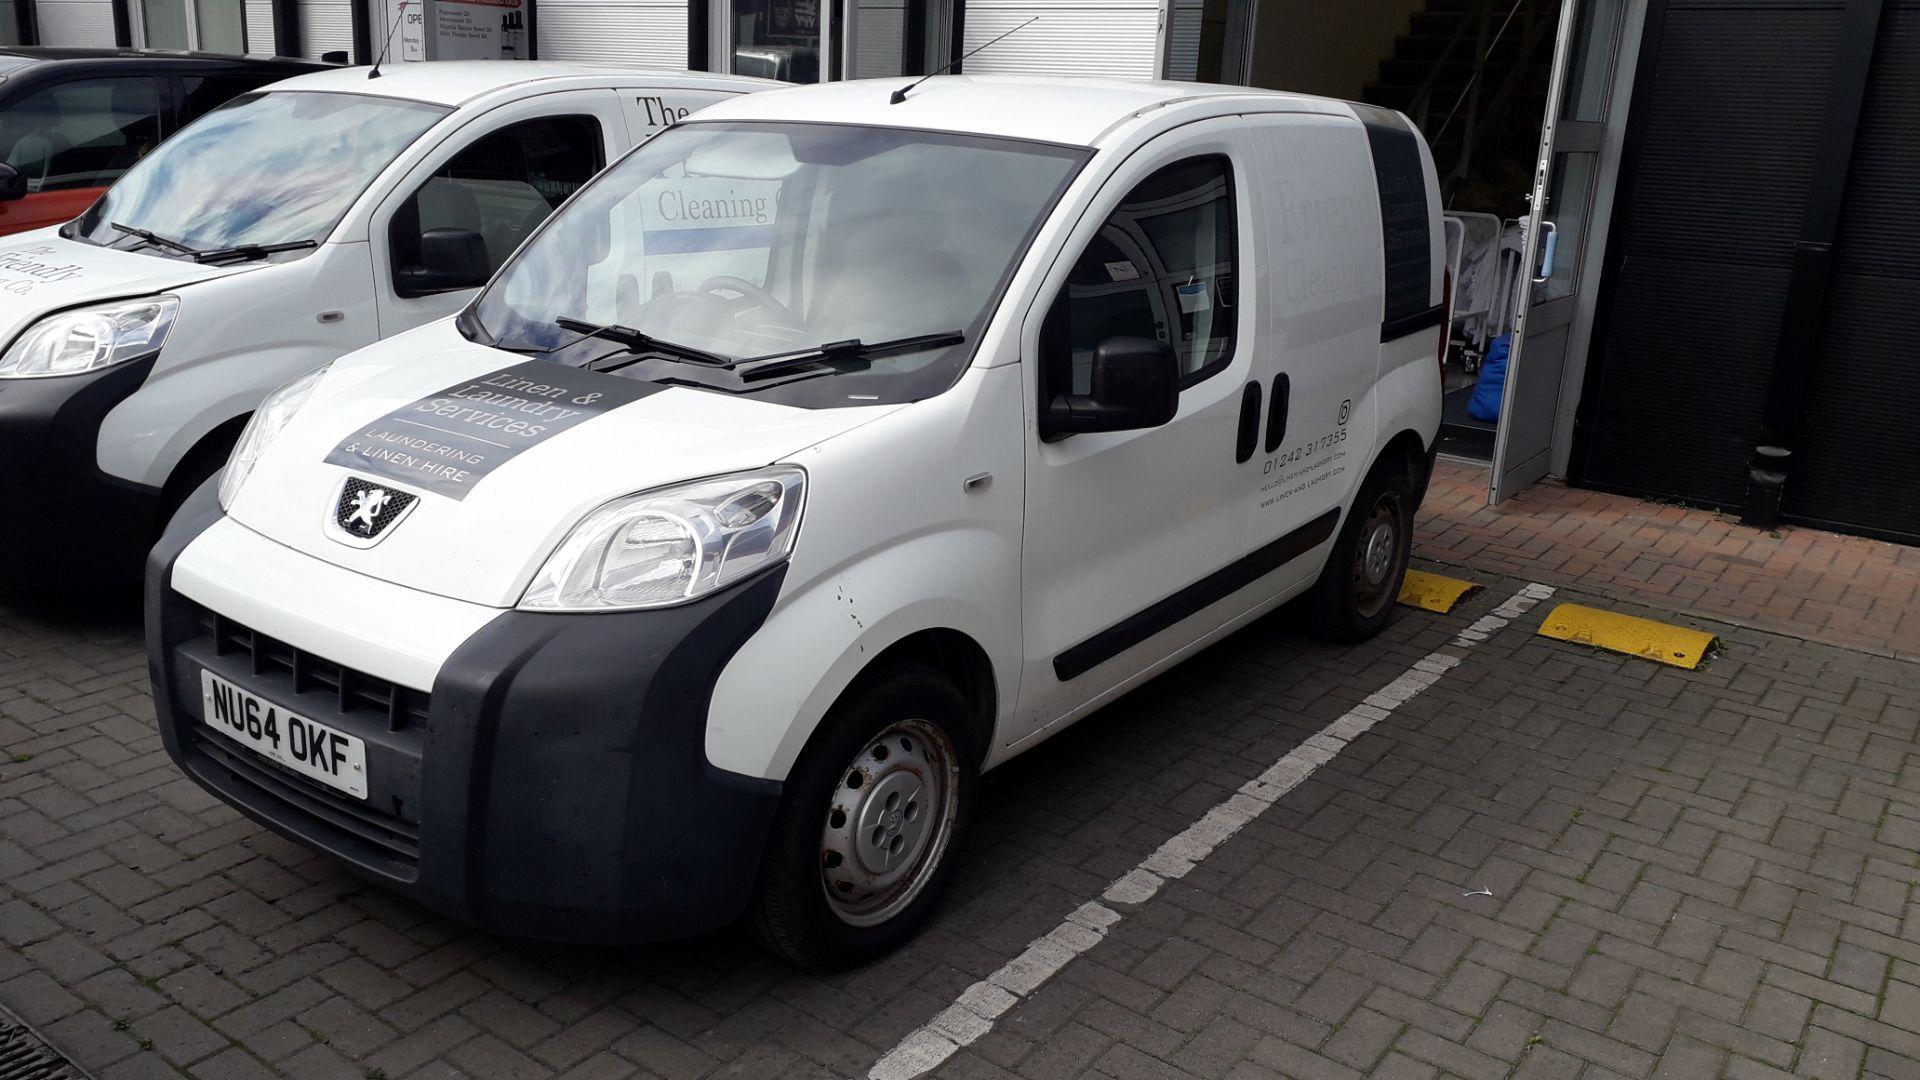 Peugeot Bipper 1.3 Hdi 75 S Diesel Van, Registrati - Image 2 of 13